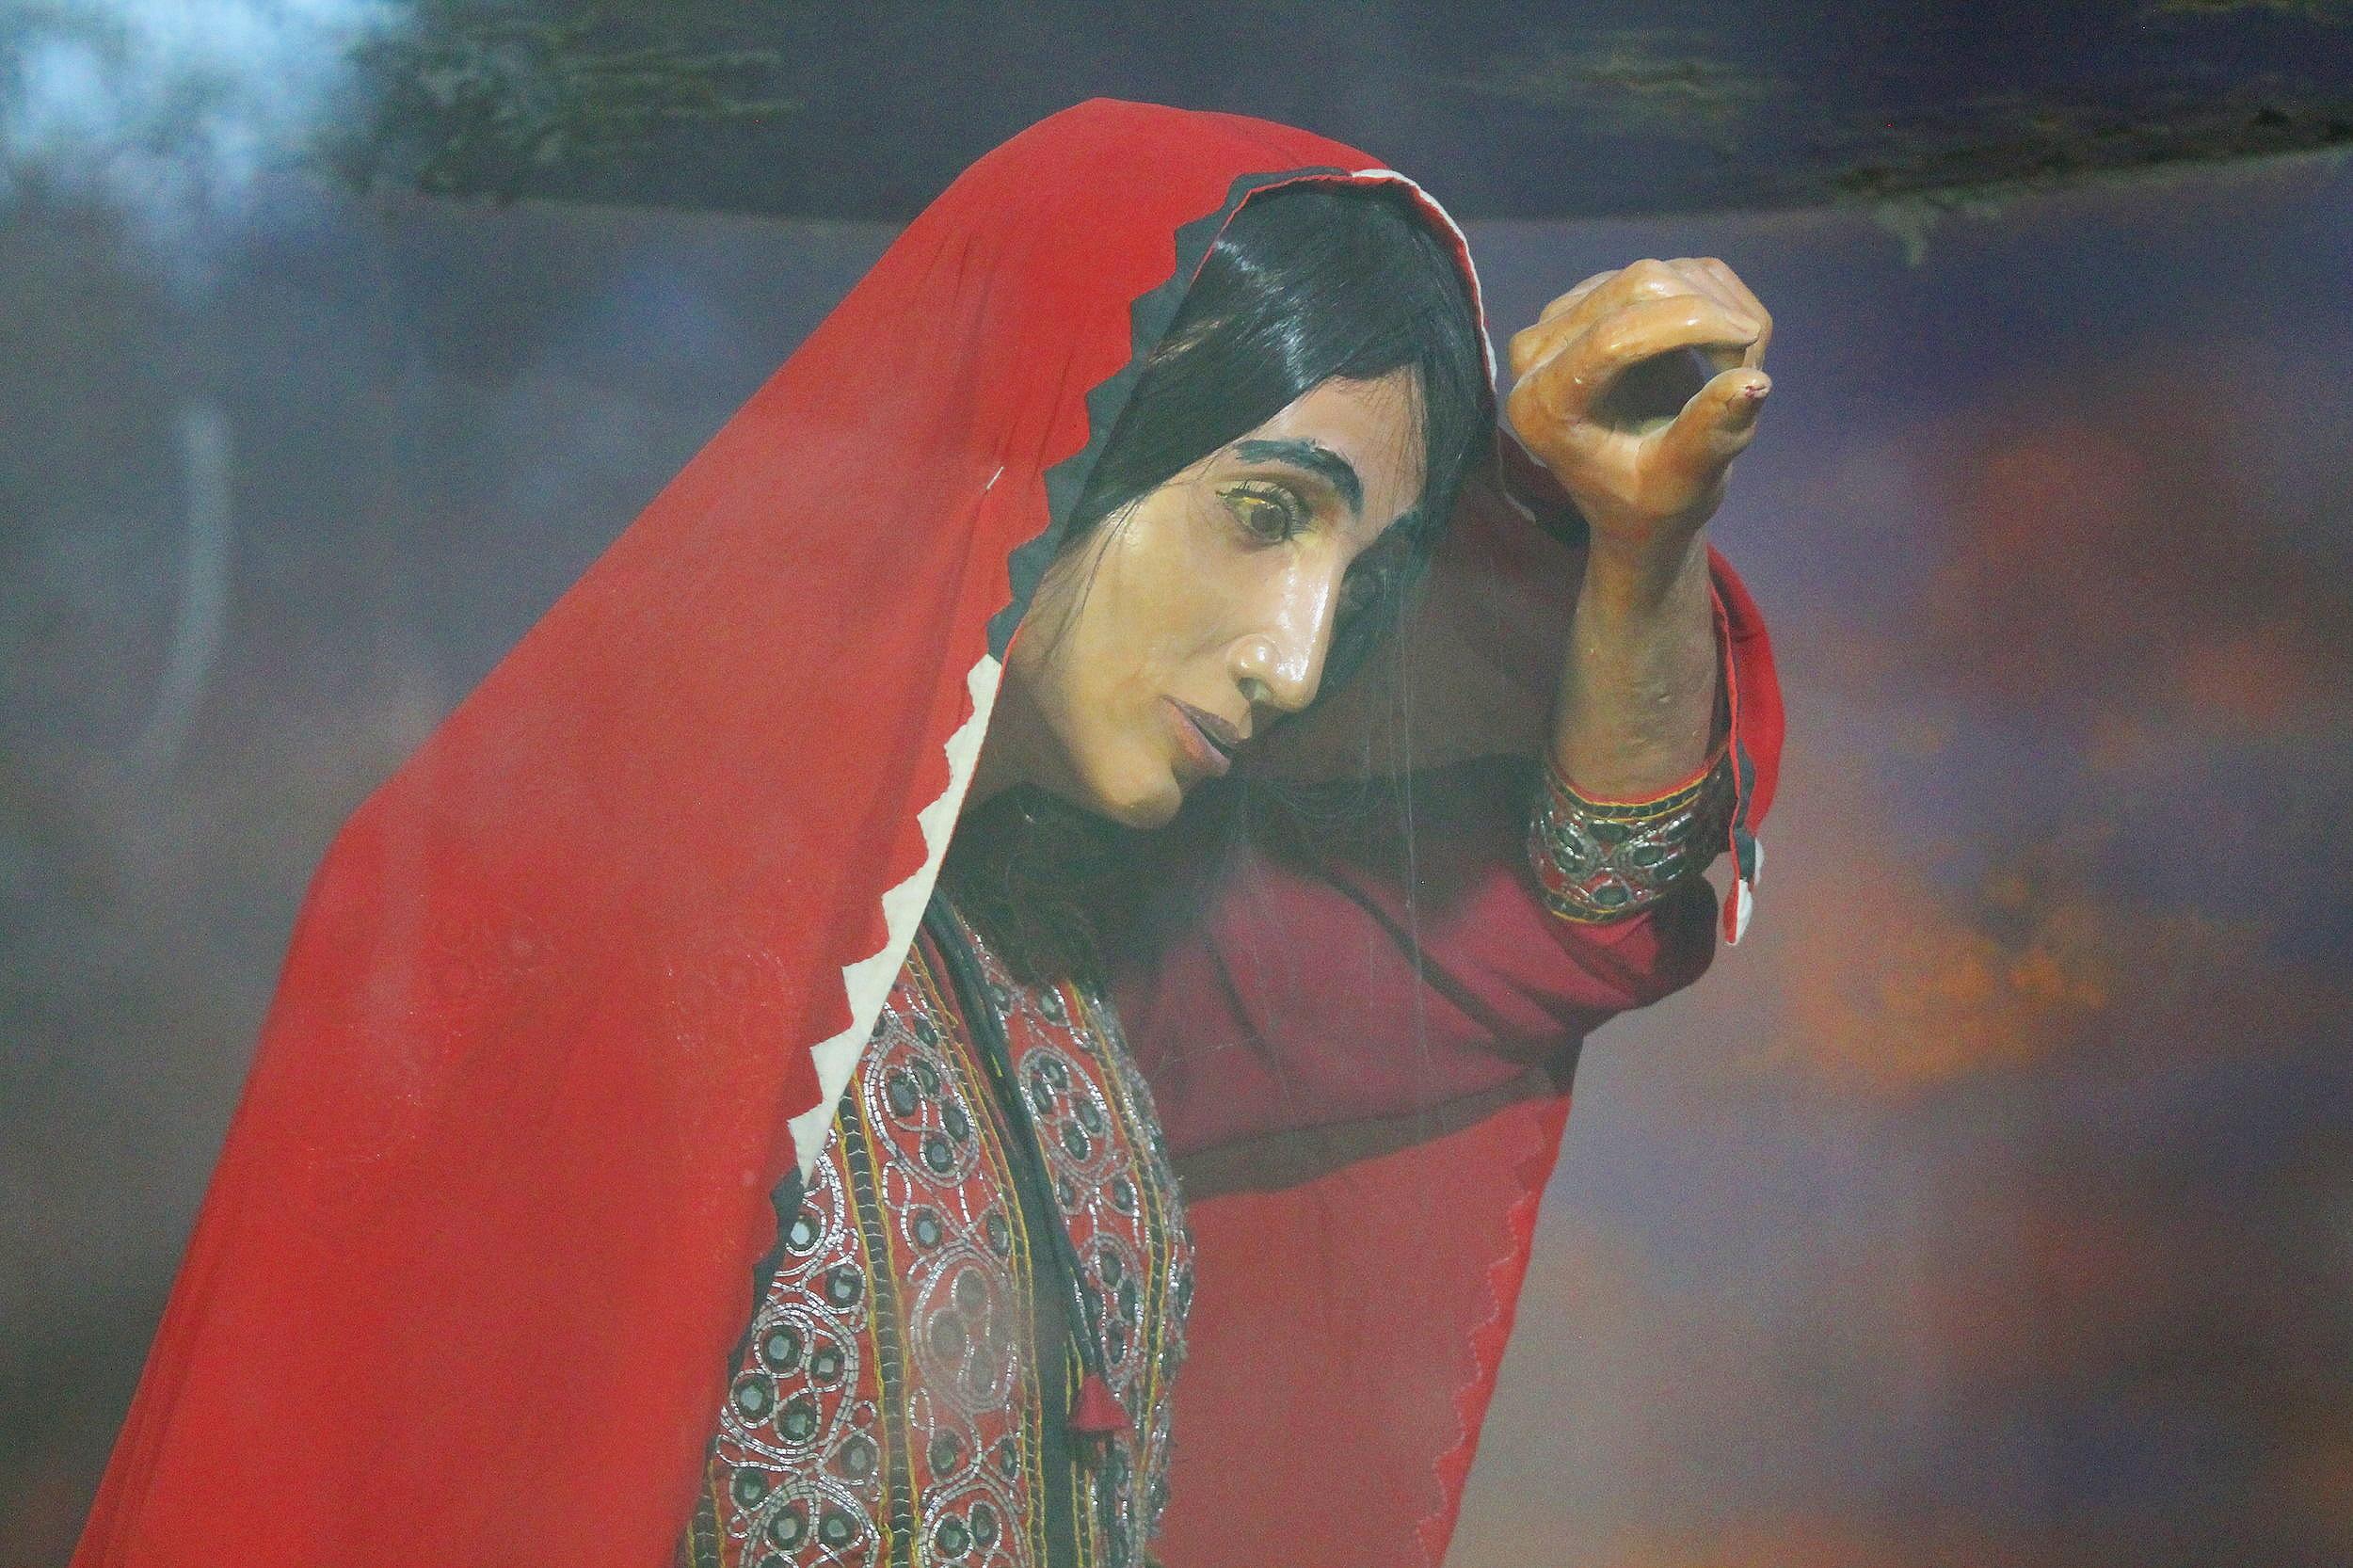 Diorama of Sasui walking through Balochistan at the Bhit Shah Museum